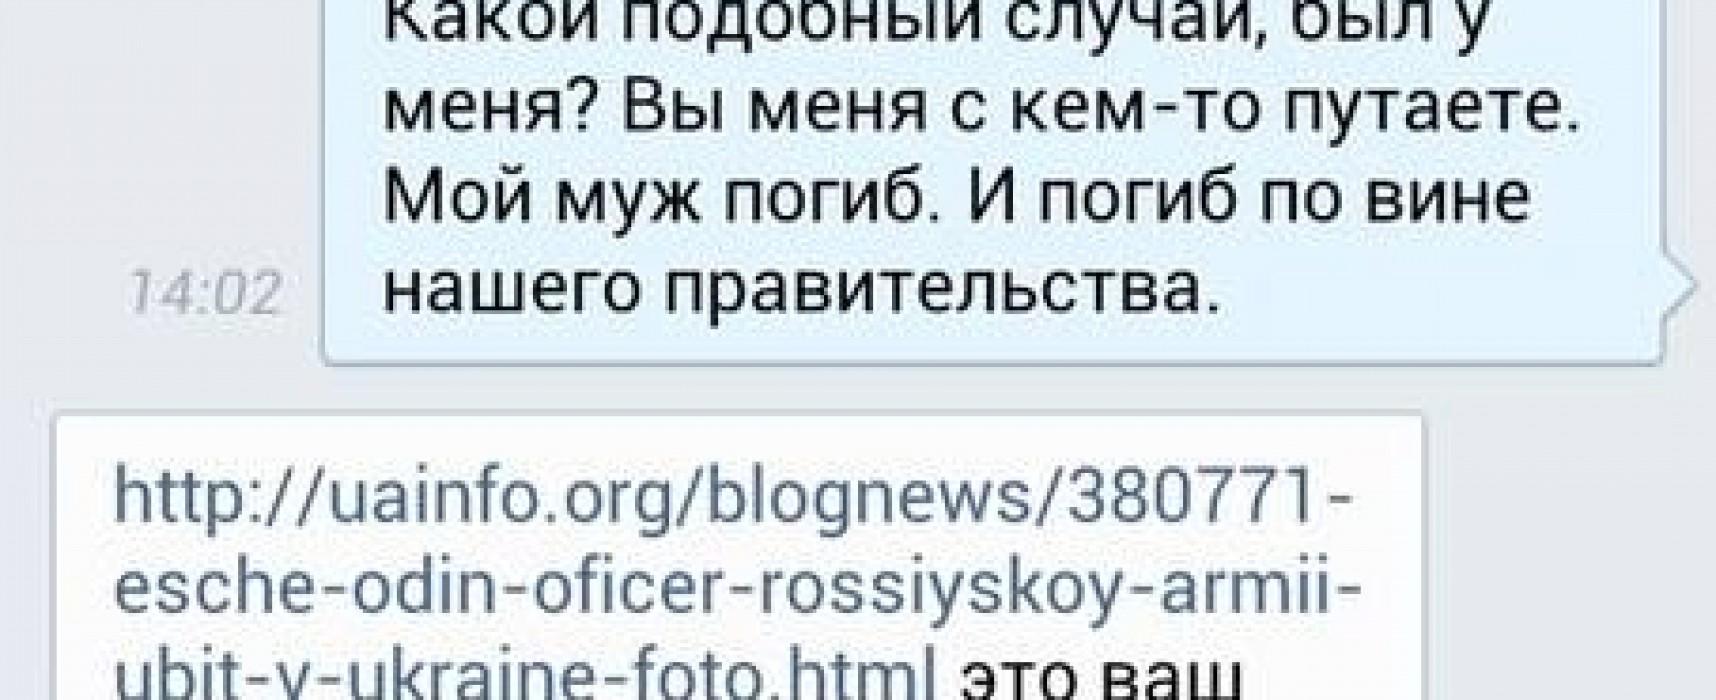 Российская правозащитница опубликовала очередное доказательство гибели российских военных на Донбассе